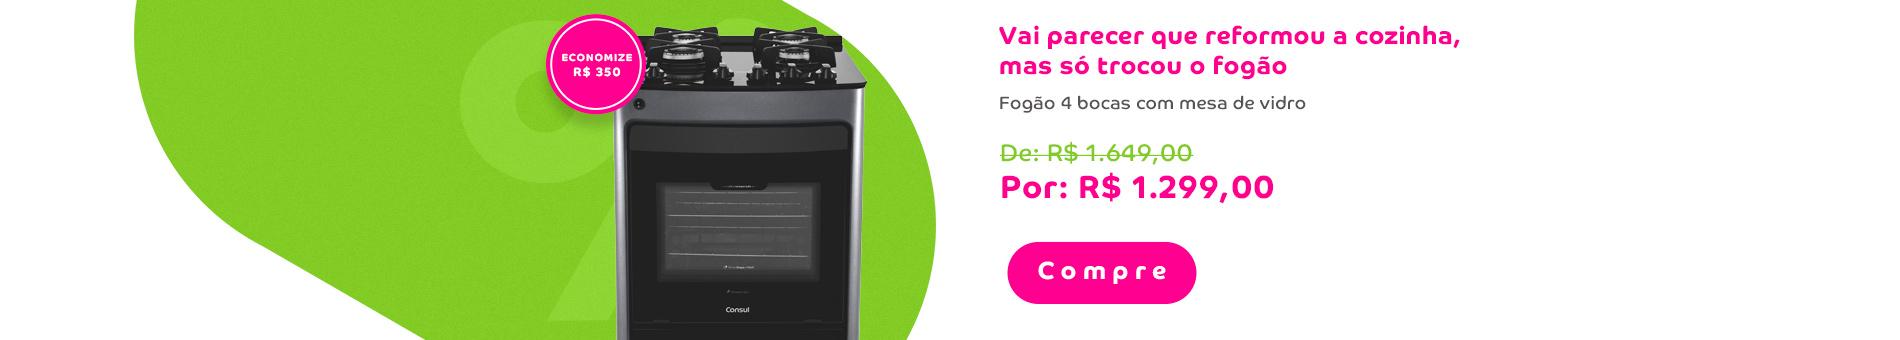 Promoção Interna - 3442 - generico_desconto-freezer_7102019_categ1 - desconto-freezer - 1